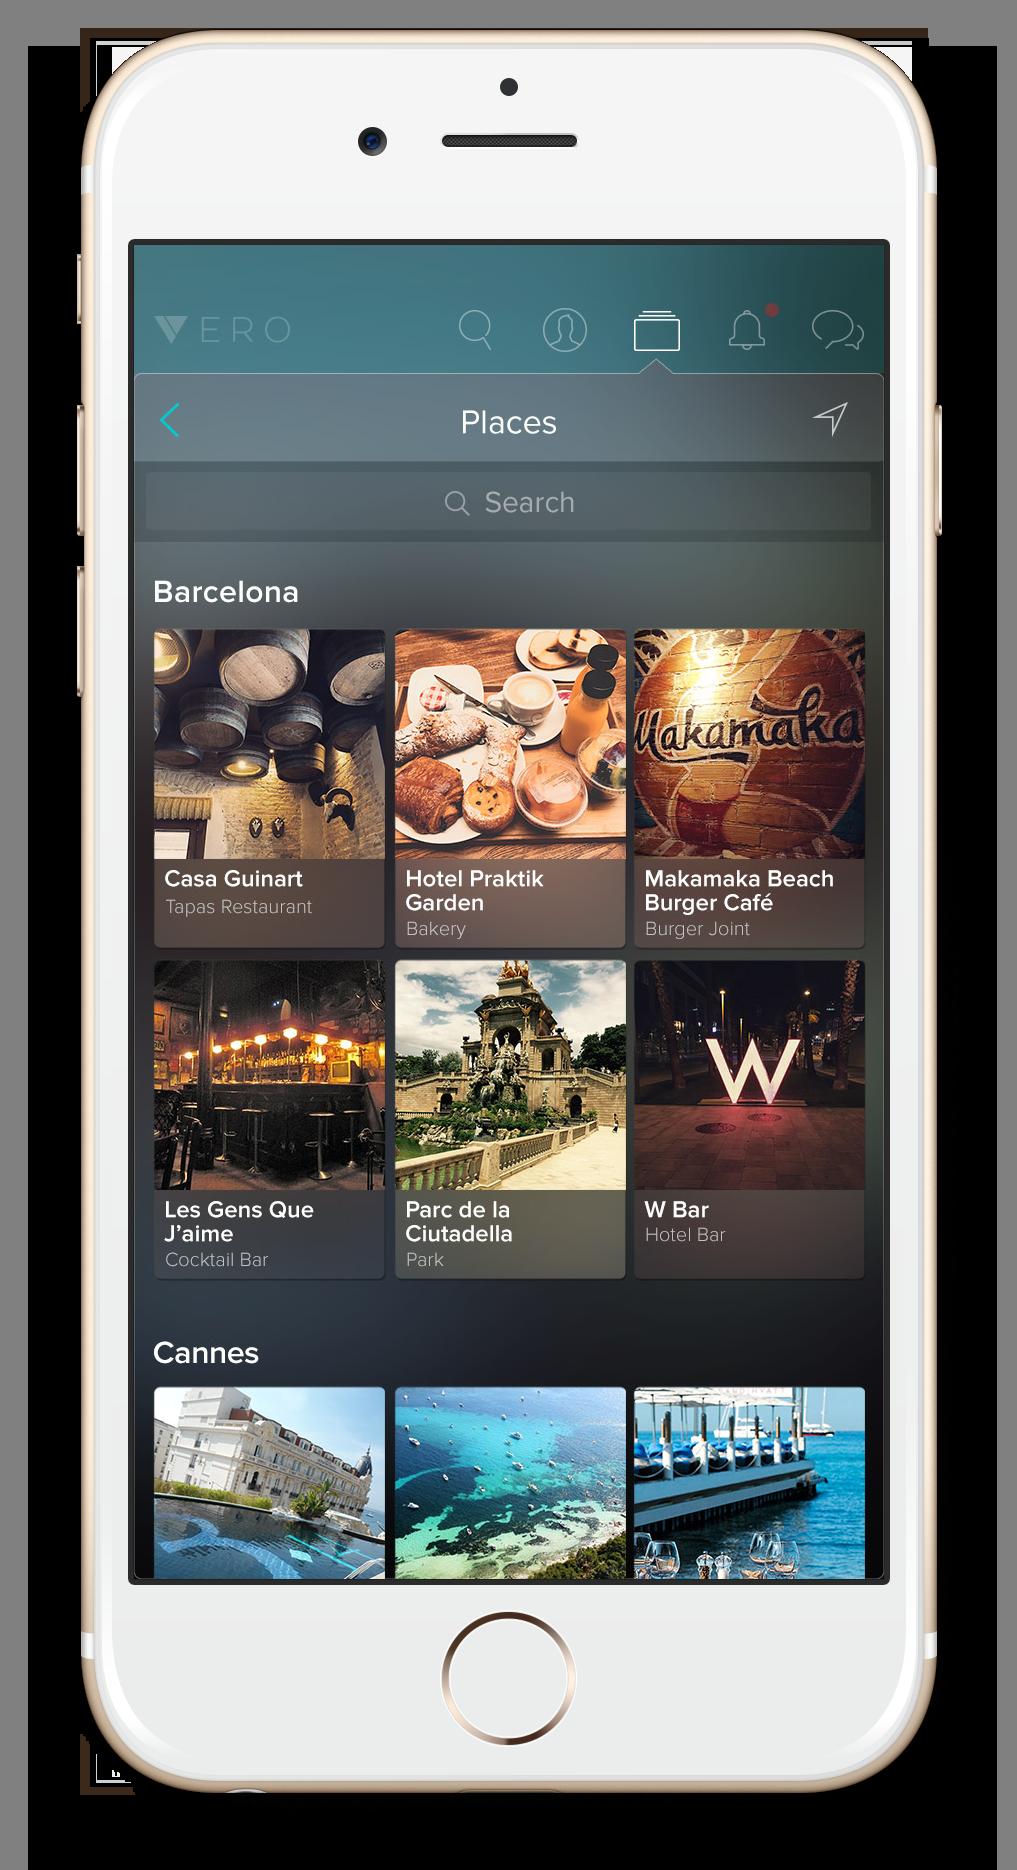 Aplikácia Vero je bezplatná pre prvých milión užívateľov.